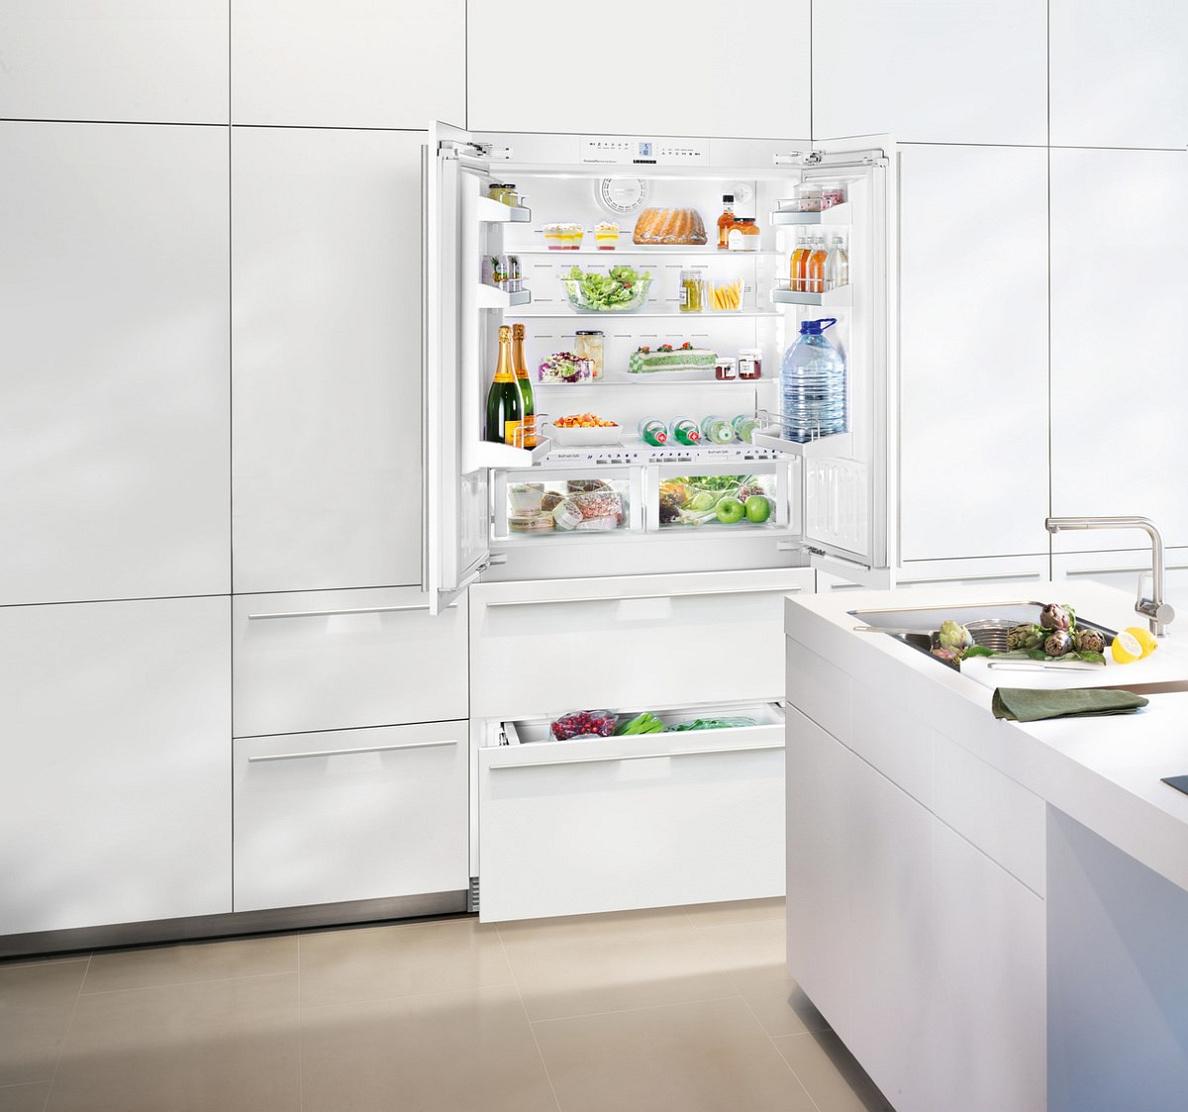 купить Встраиваемый двухкамерный холодильник Liebherr ECBN 6256 Украина фото 2